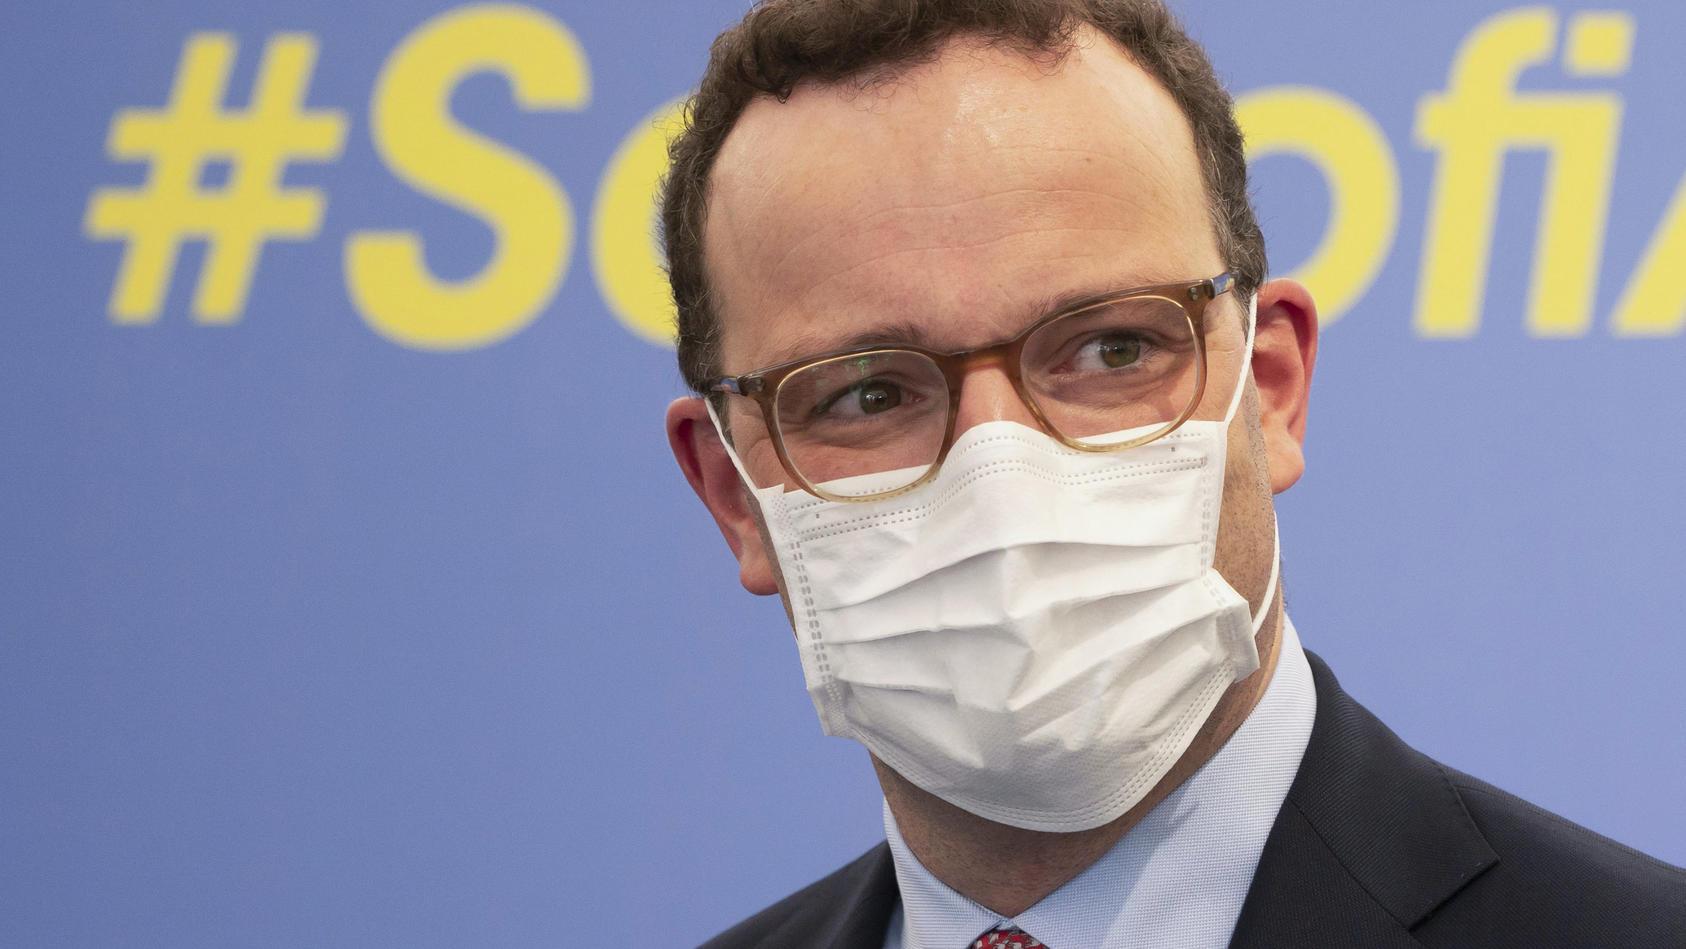 Gesundheitsminister Spahn positiv auf Corona getestet